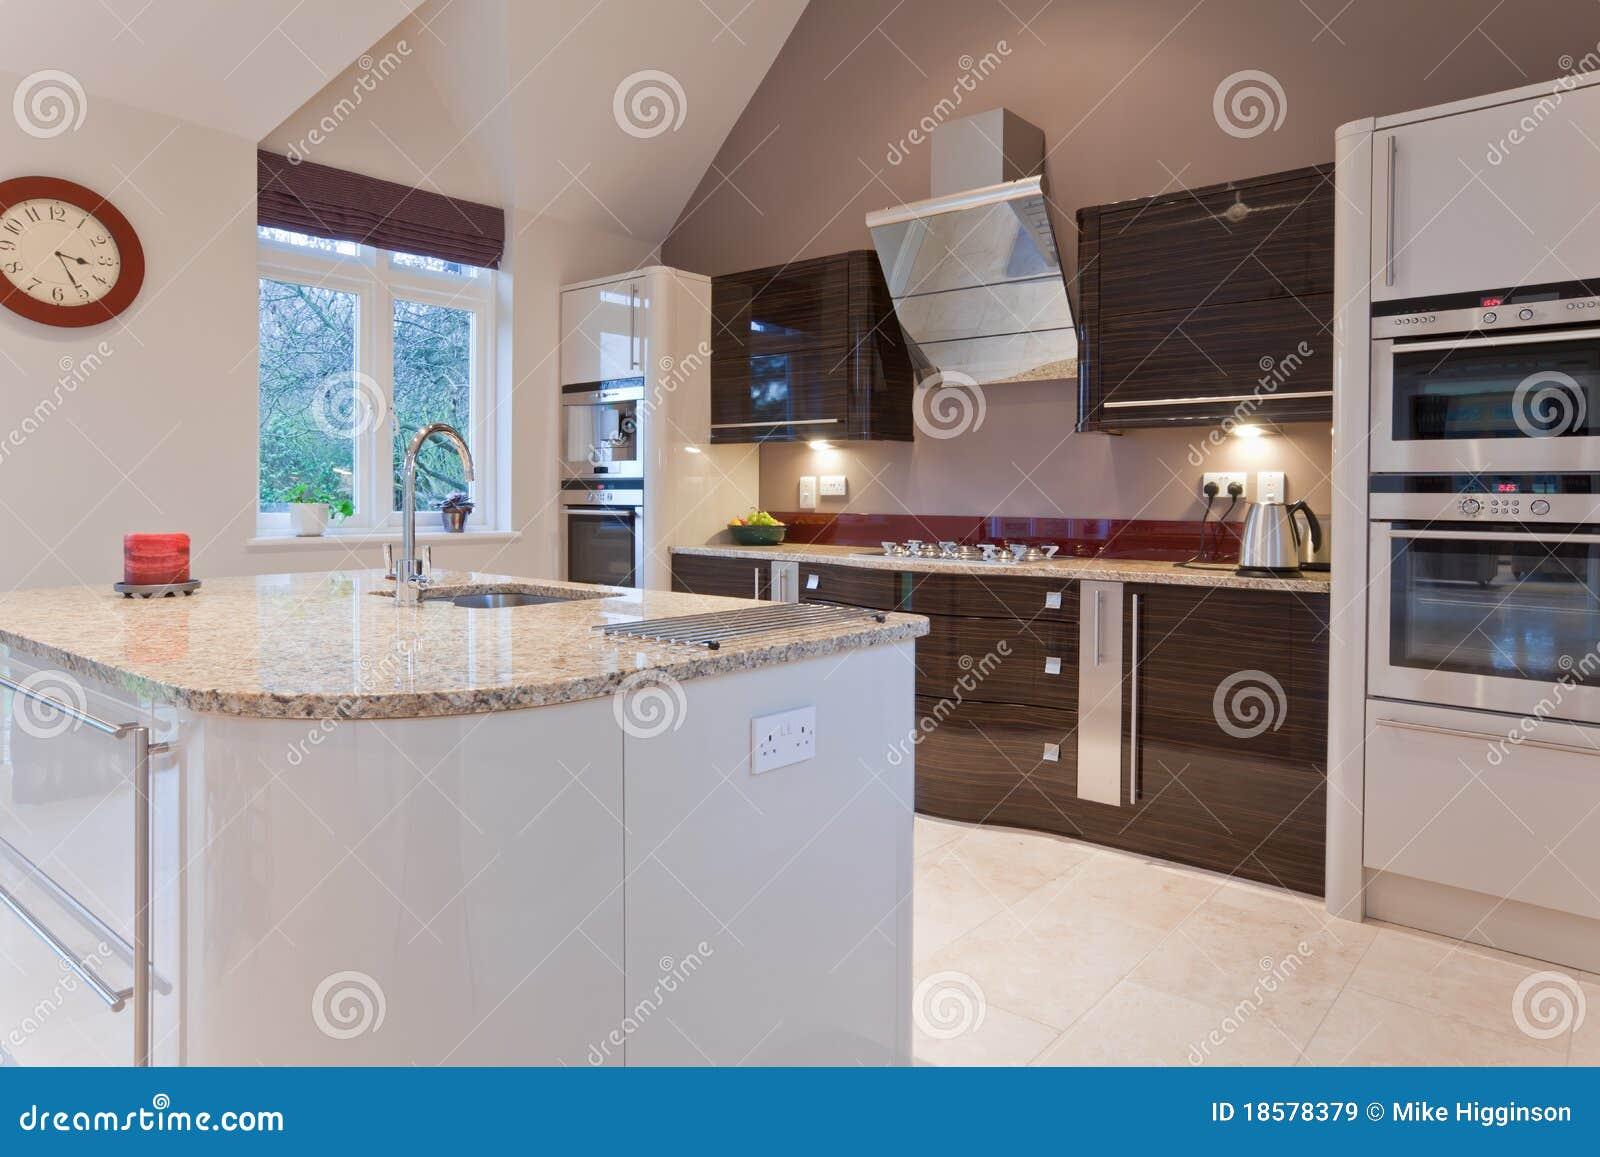 Schöne moderne Küche stockbild. Bild von fächer, architektur - 18578379